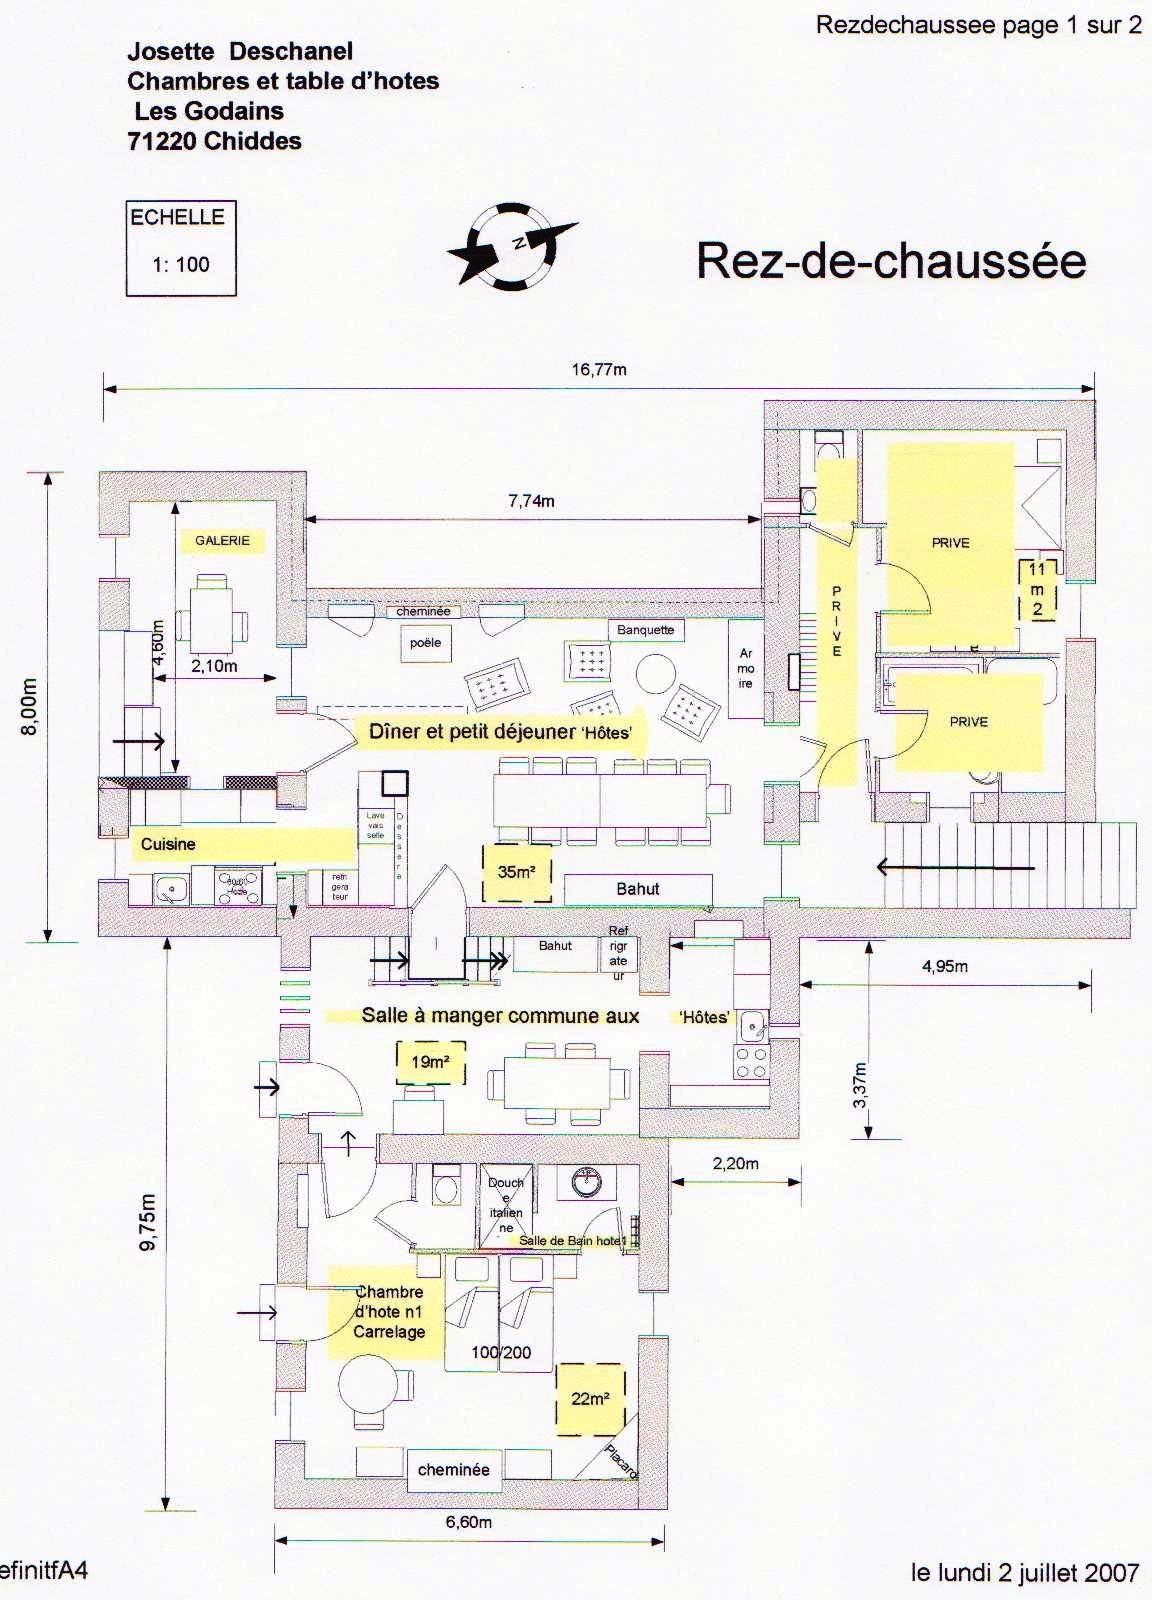 Plan chambre d 39 hote rez de chauss e - Www mysmartbox fr chambre et table d hotes ...